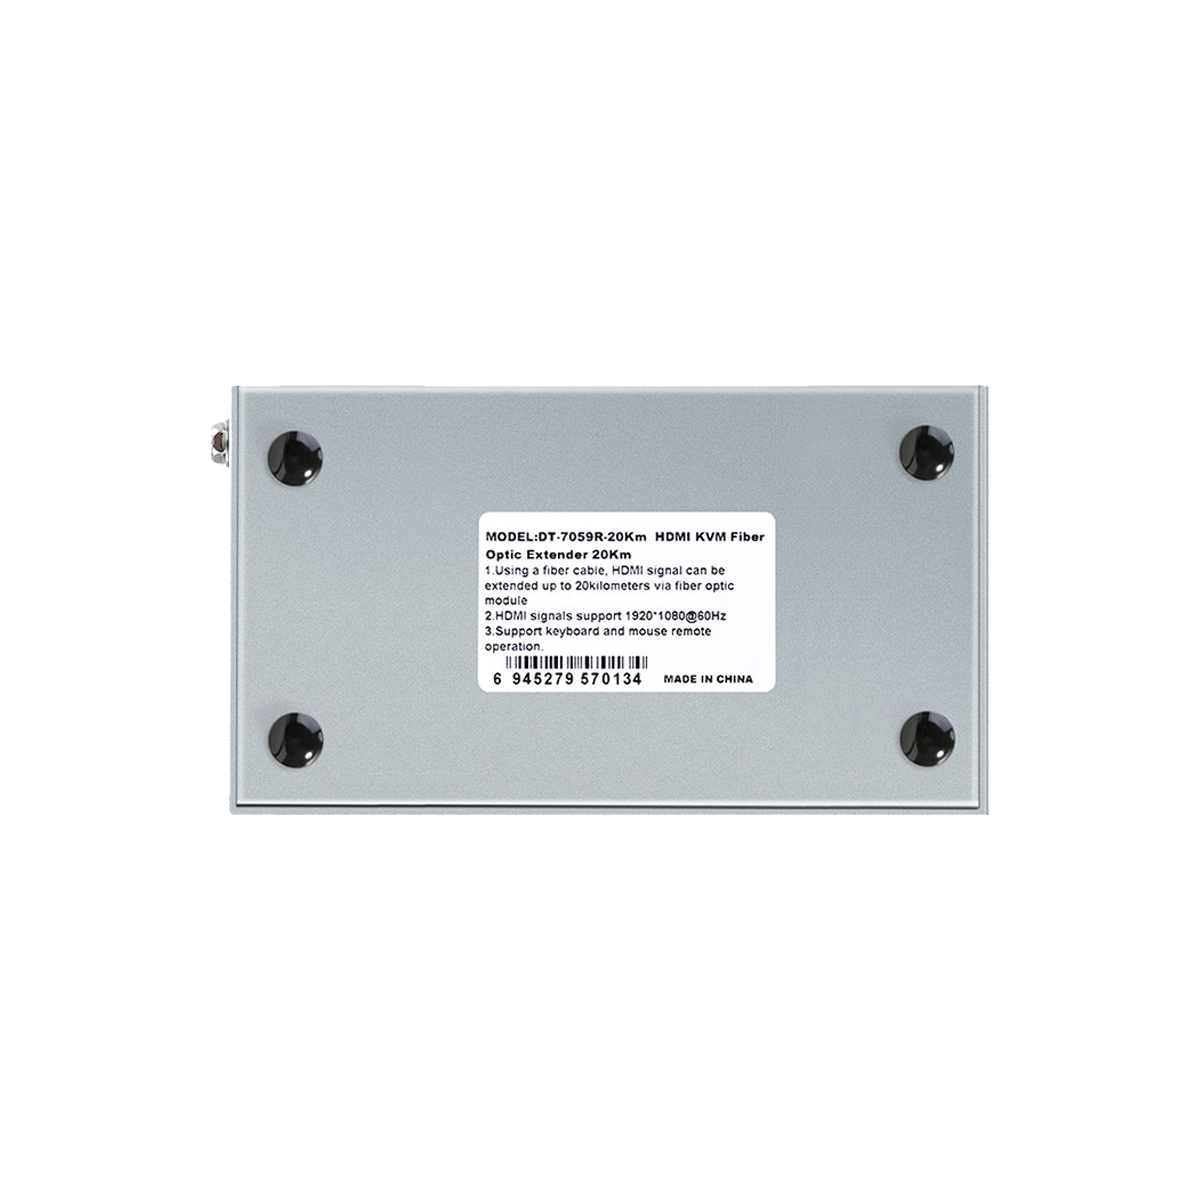 Bộ chuyển đổi kéo dài hdmi sang cáp quang DTECH DT-7059 (2 thiết bị)- Hàng Chính Hãng